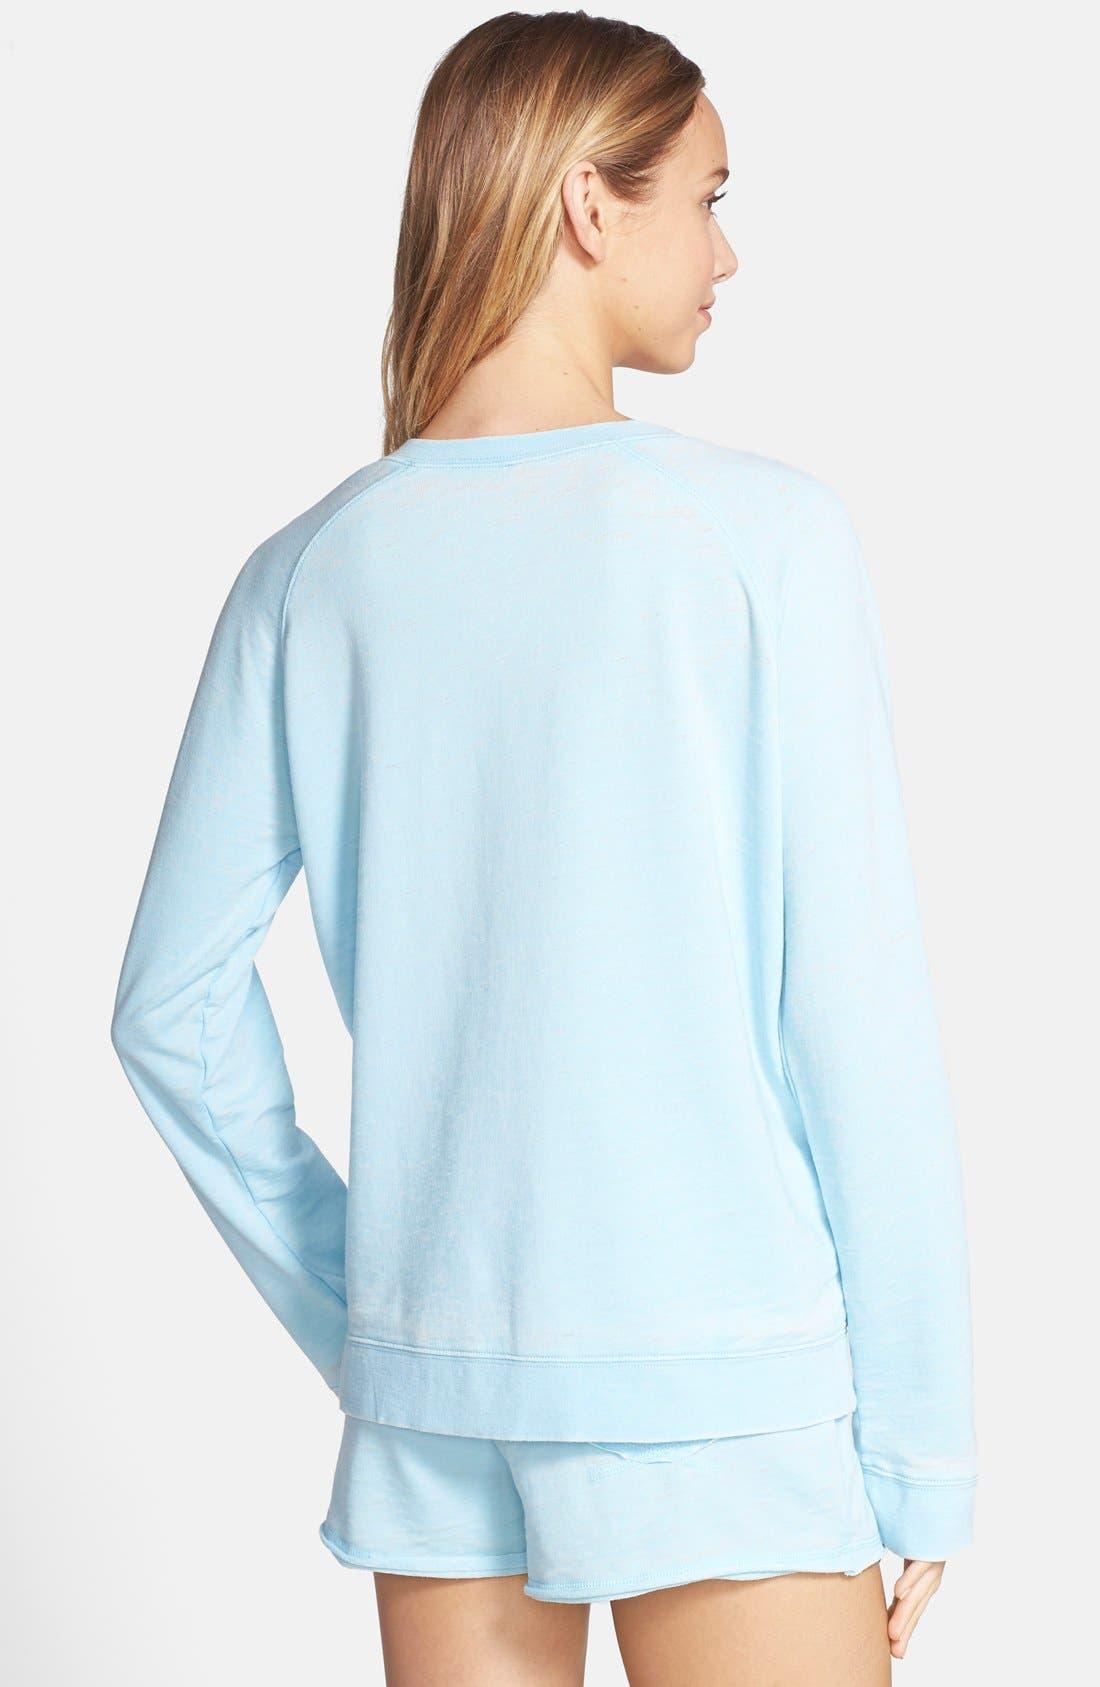 Burnout Lounge Sweatshirt,                             Alternate thumbnail 110, color,